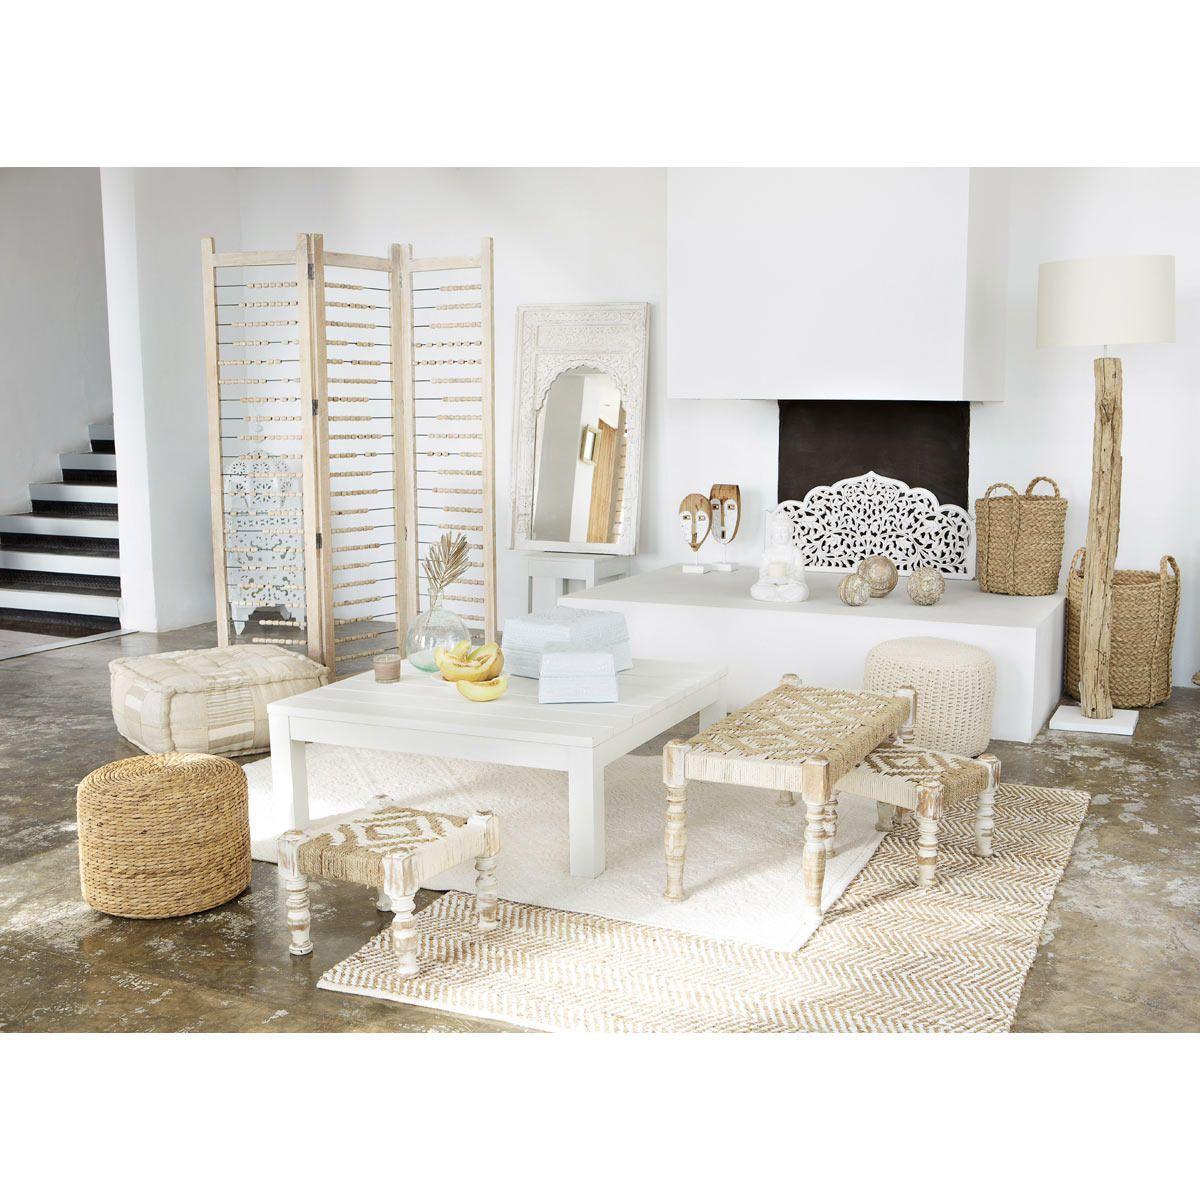 Tapis en toile de jute beige 140 x 200 cm BARCELONE   Maisons du ...